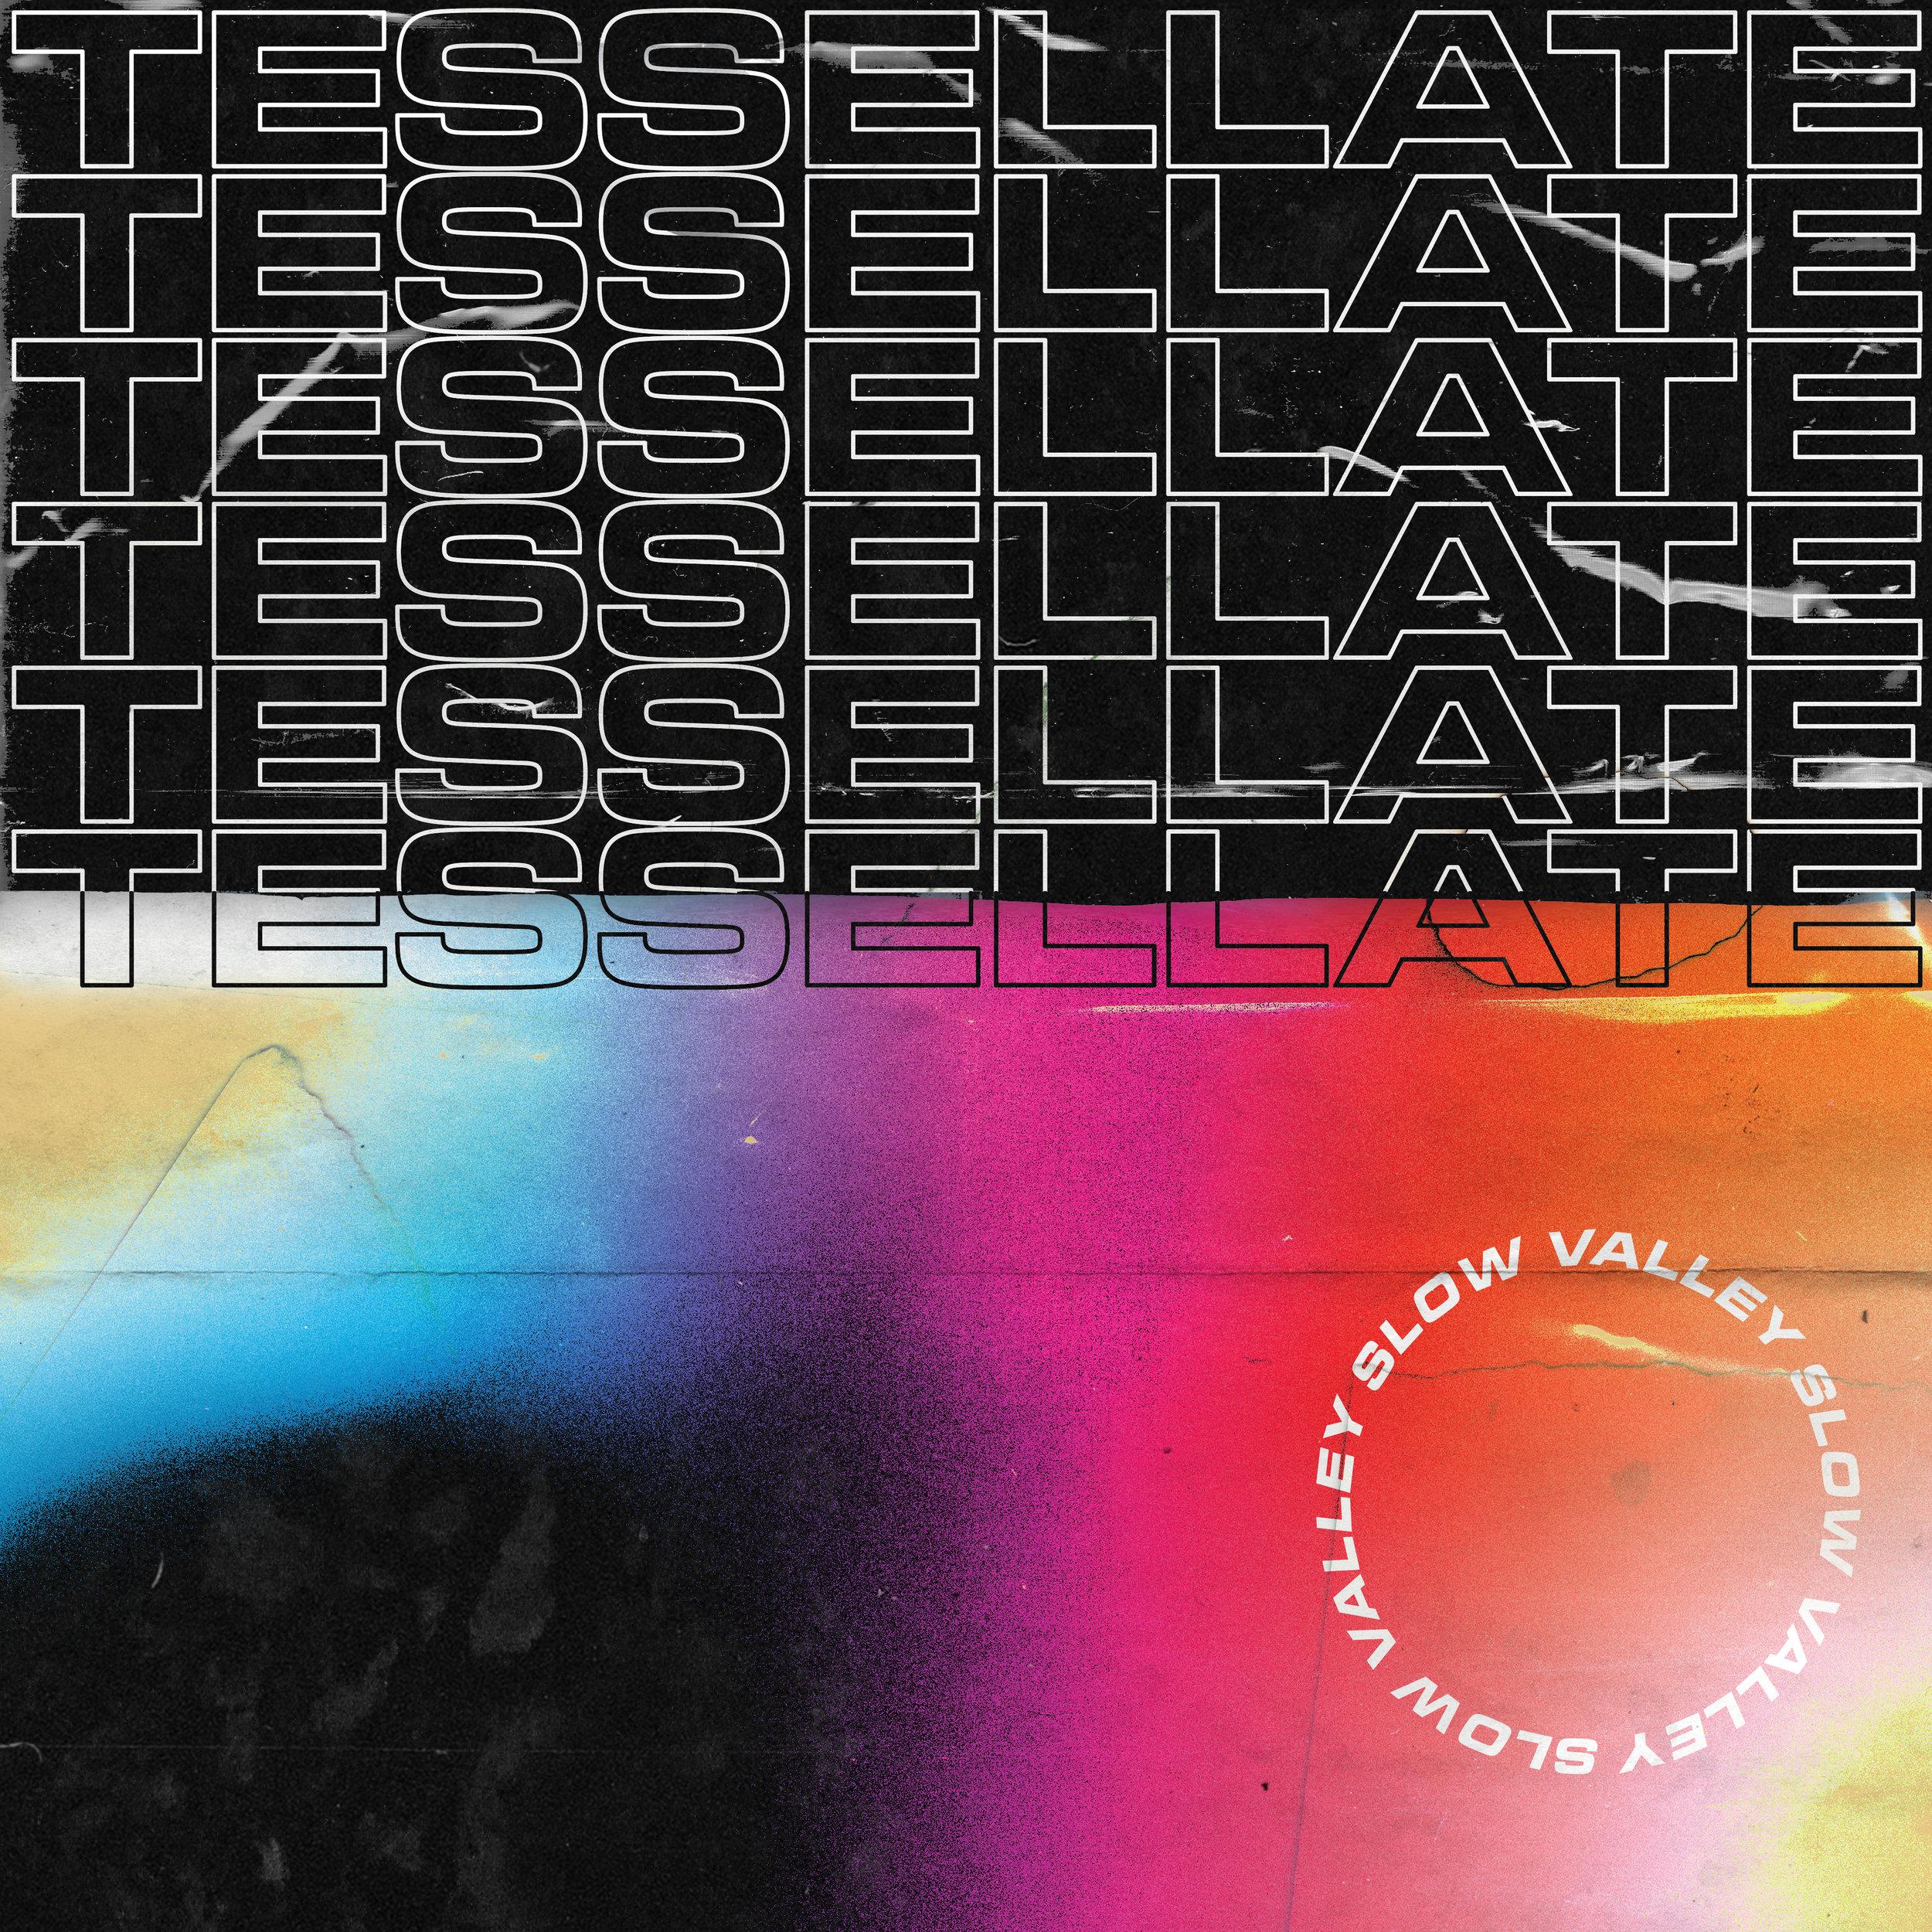 slowvalley-Tessellate.jpg